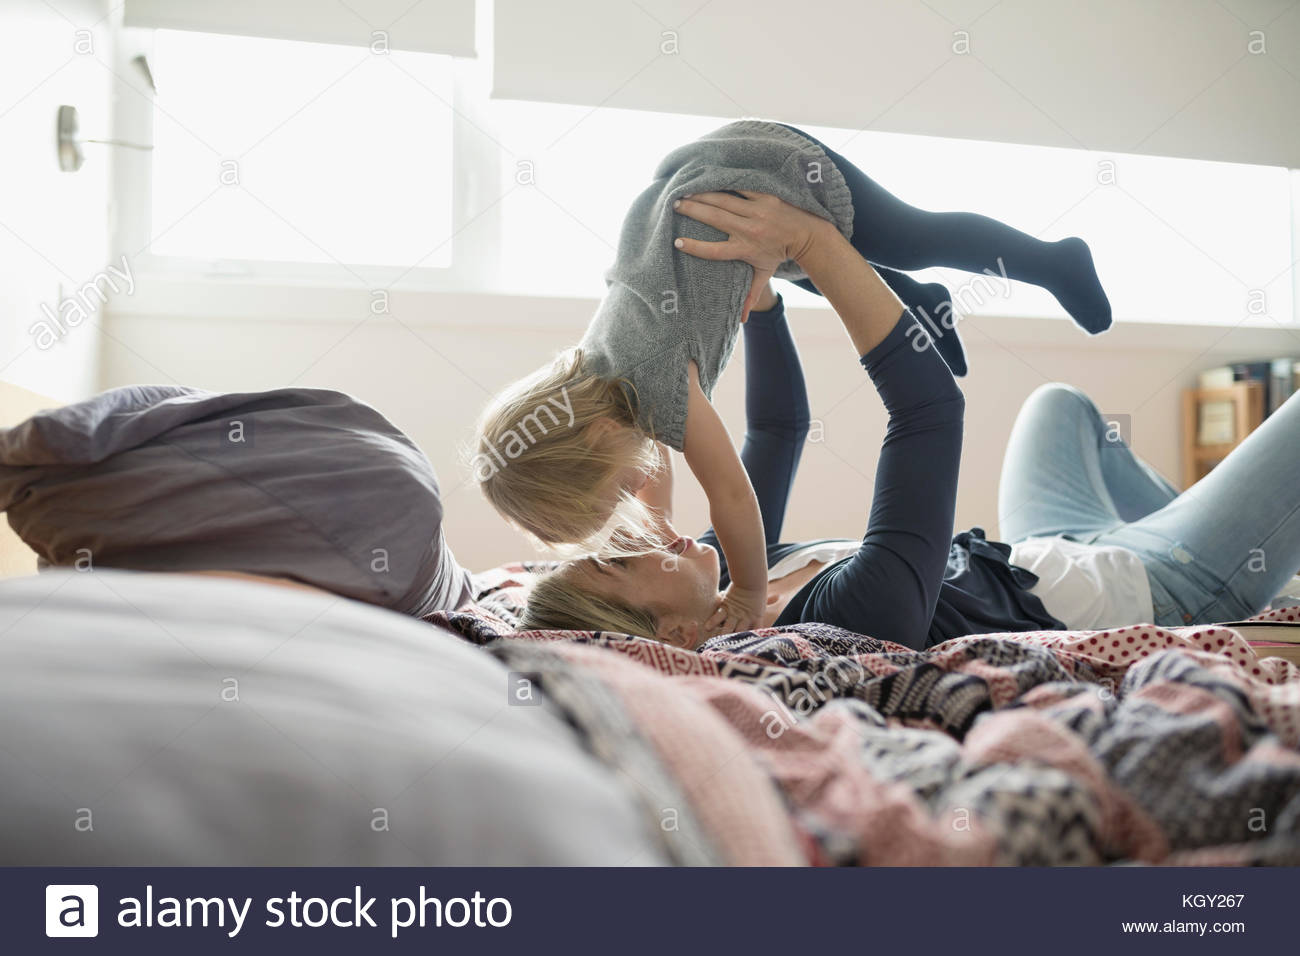 Celebración madre afectuosa hija sobrecarga en la cama Imagen De Stock